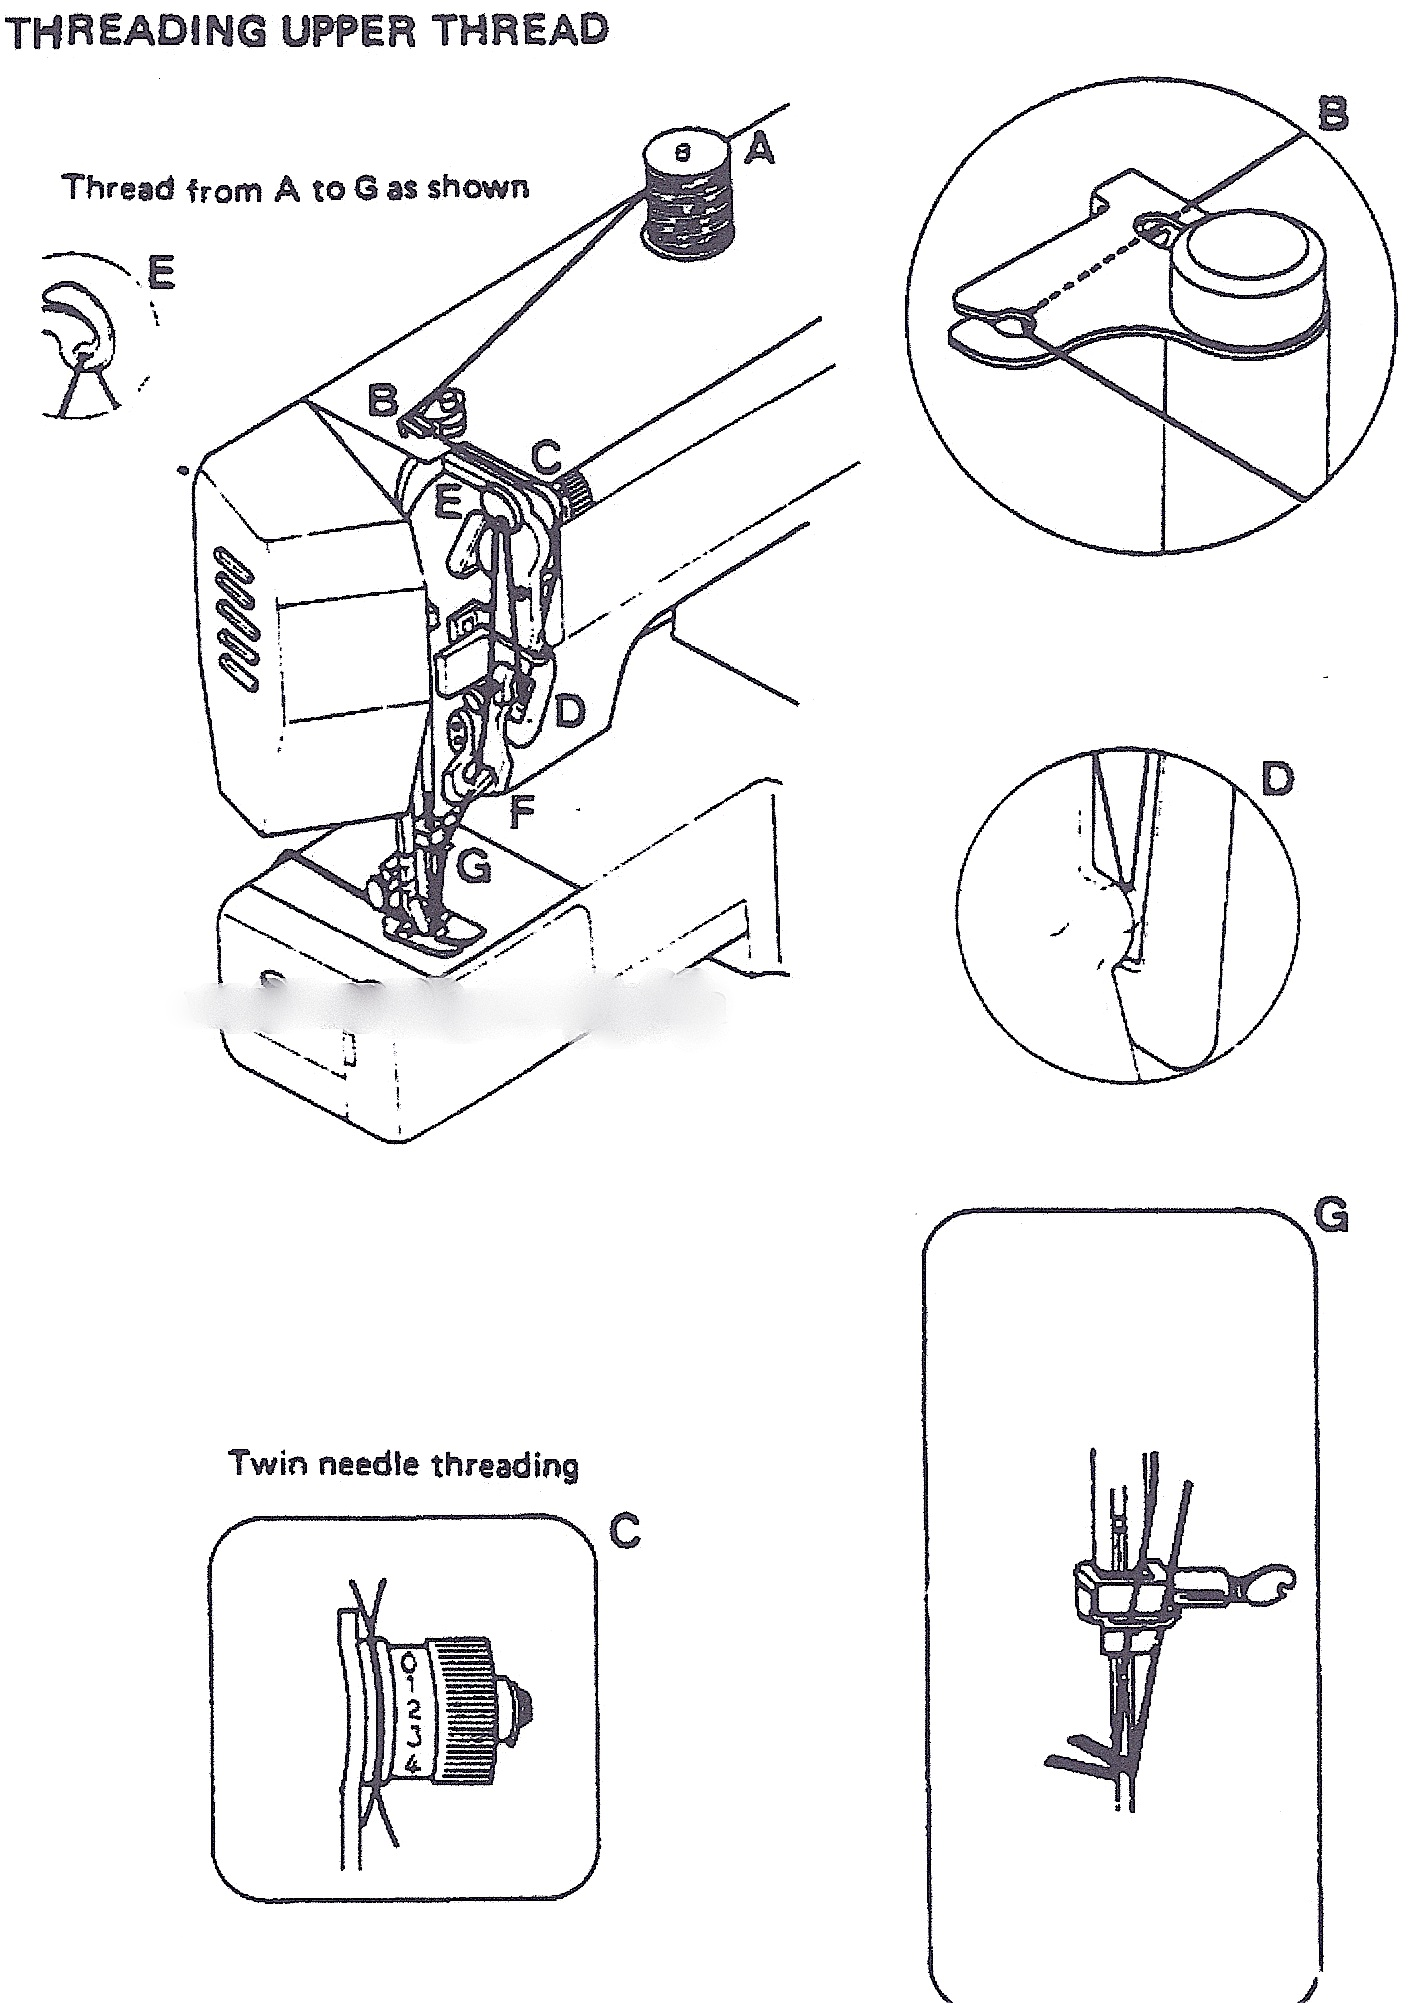 Vintage Sewing Machine Threading Guides | Stitch Nerd